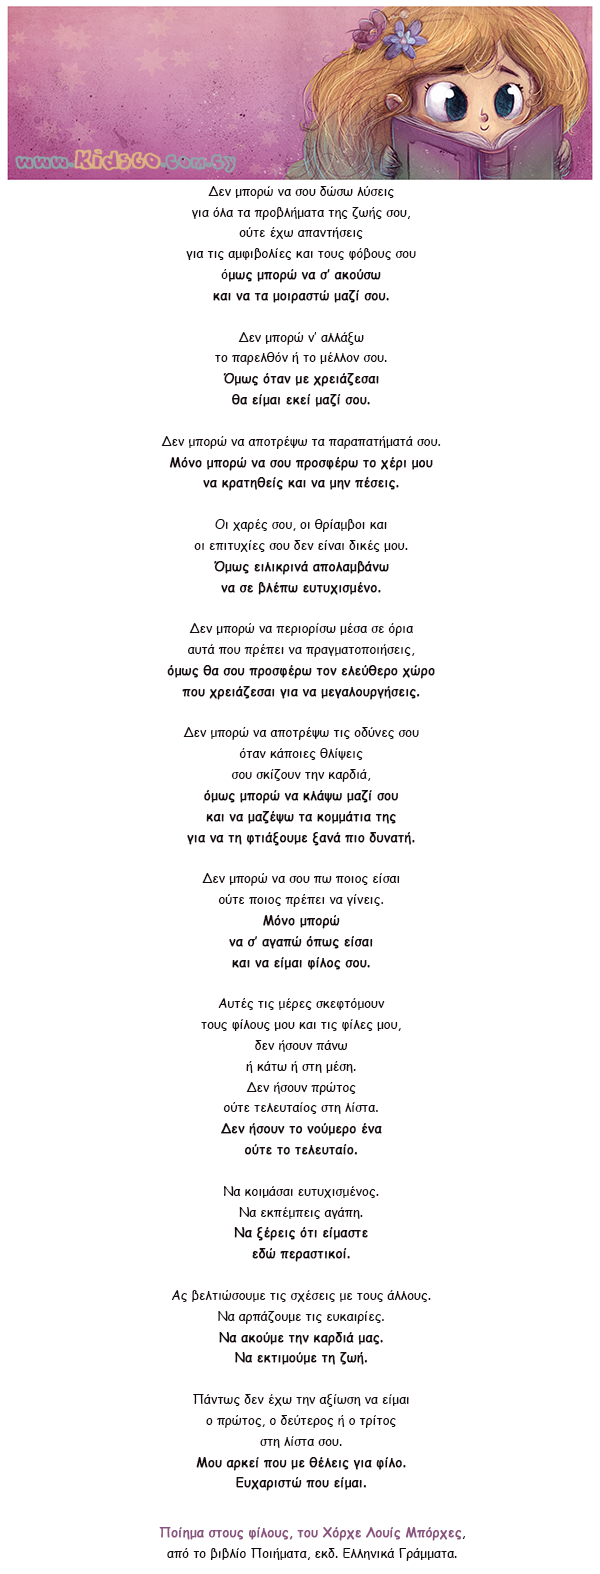 Jorge-Luis-Borges-Poihmata-stoys-filoys-icon4